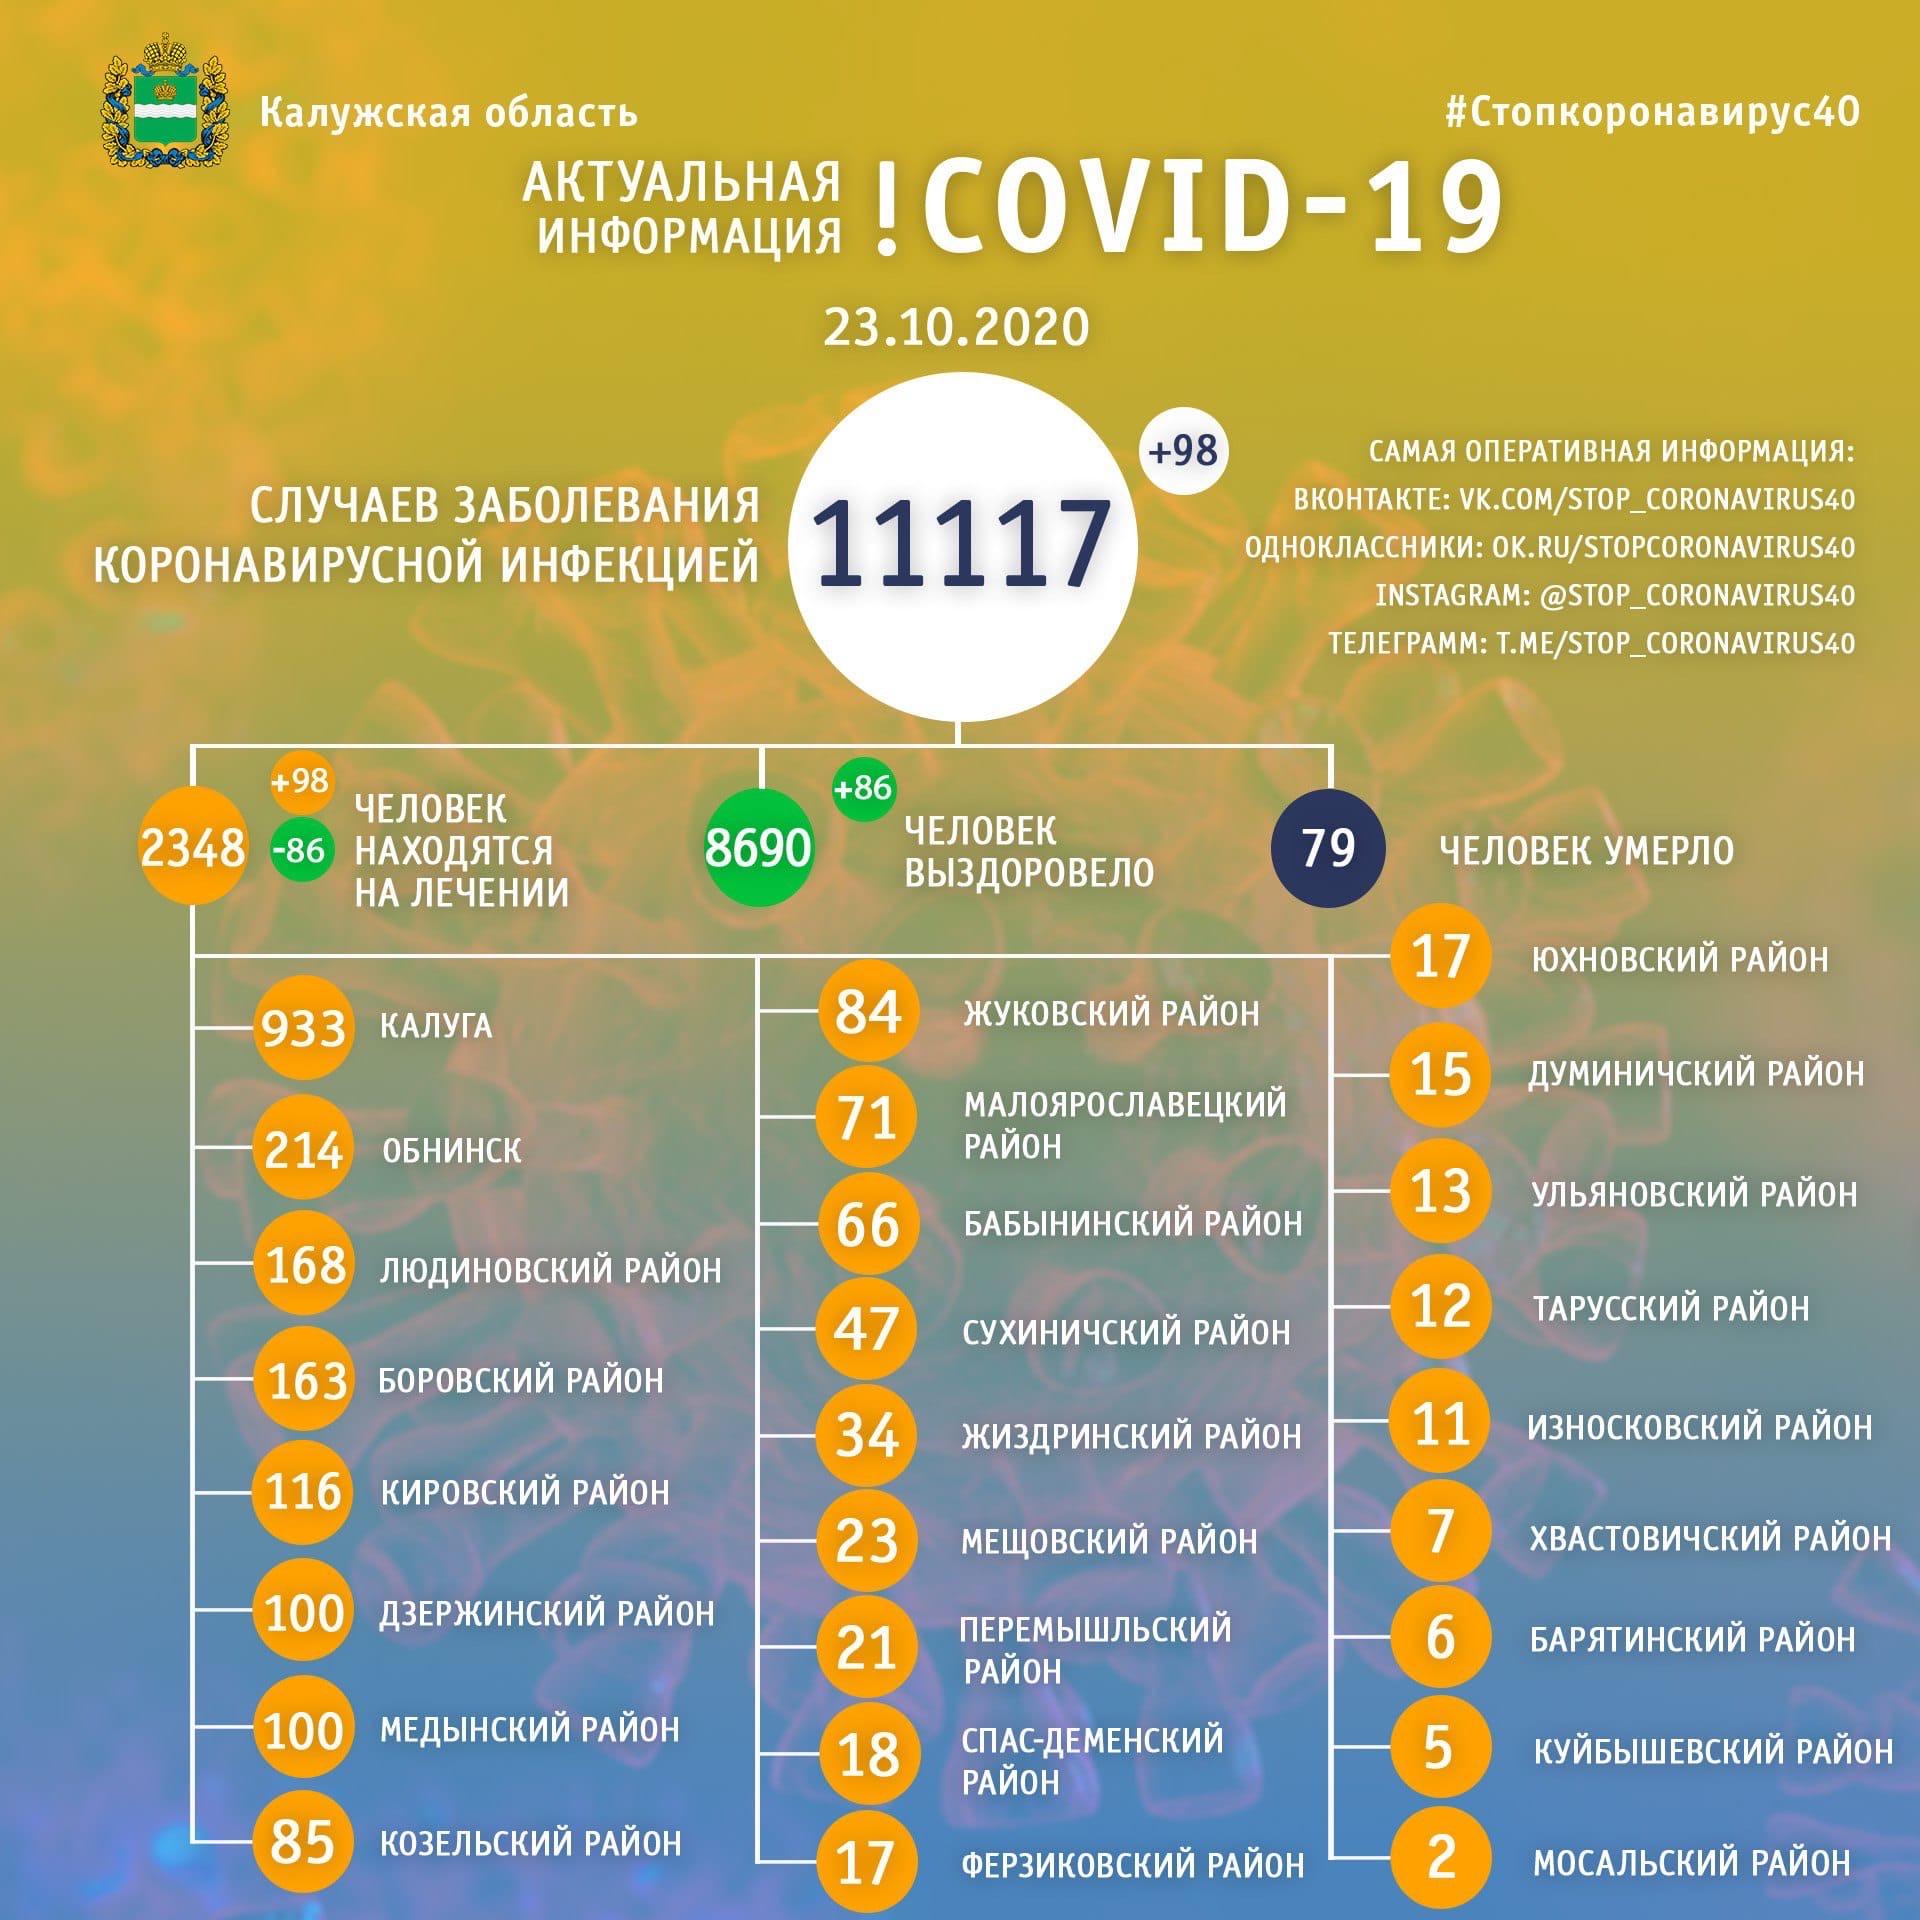 Официальная статистика по коронавирусу в Калужской области на 23 октября 2020 года.